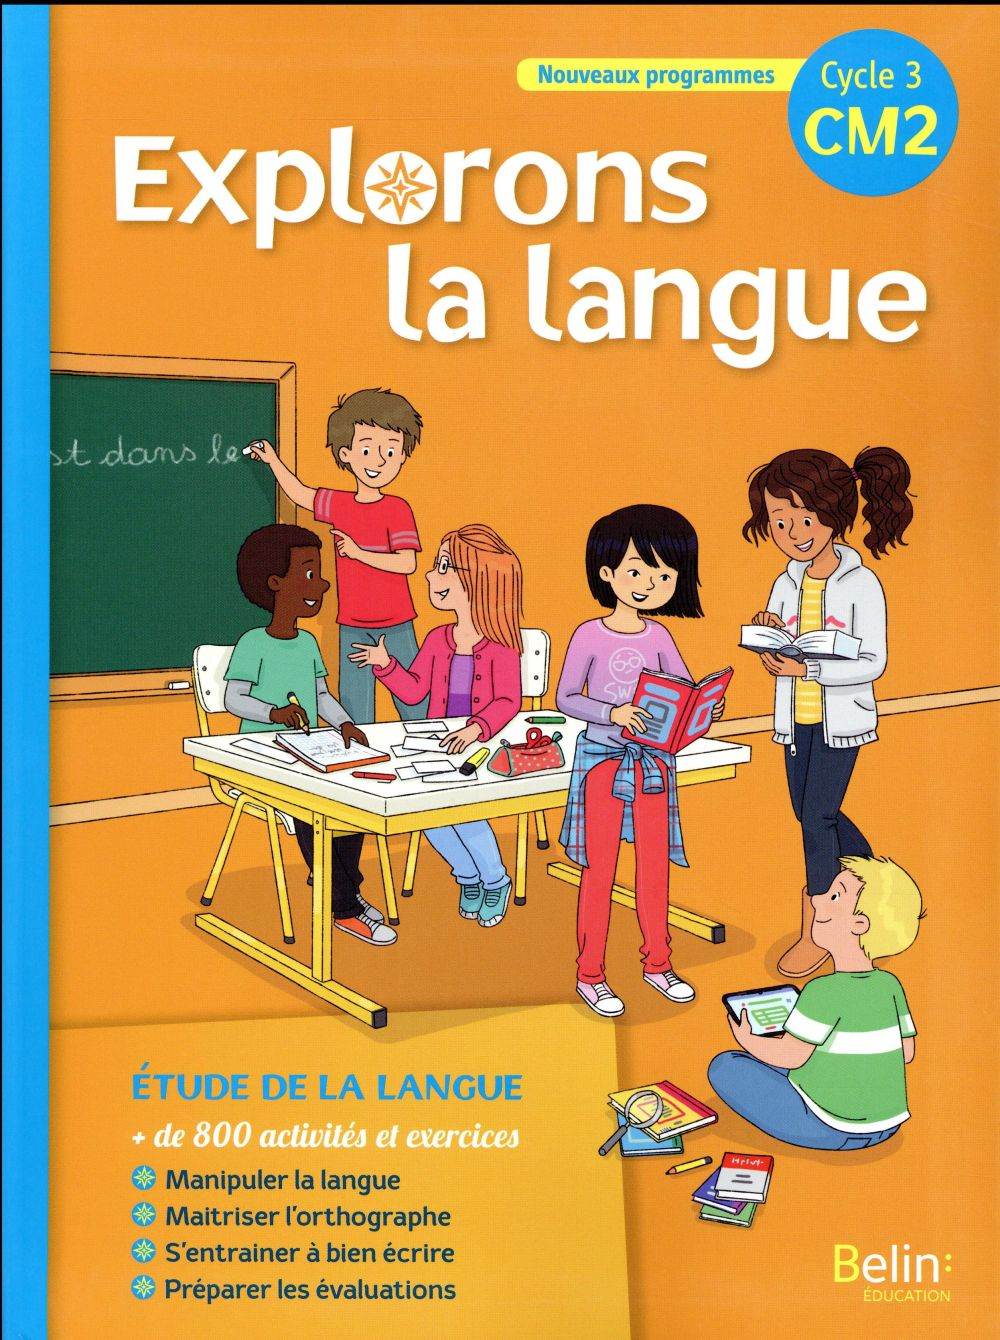 Explorons la langue ; cycle 3 ; CM2 ; livre de l'élève (édition 2017)